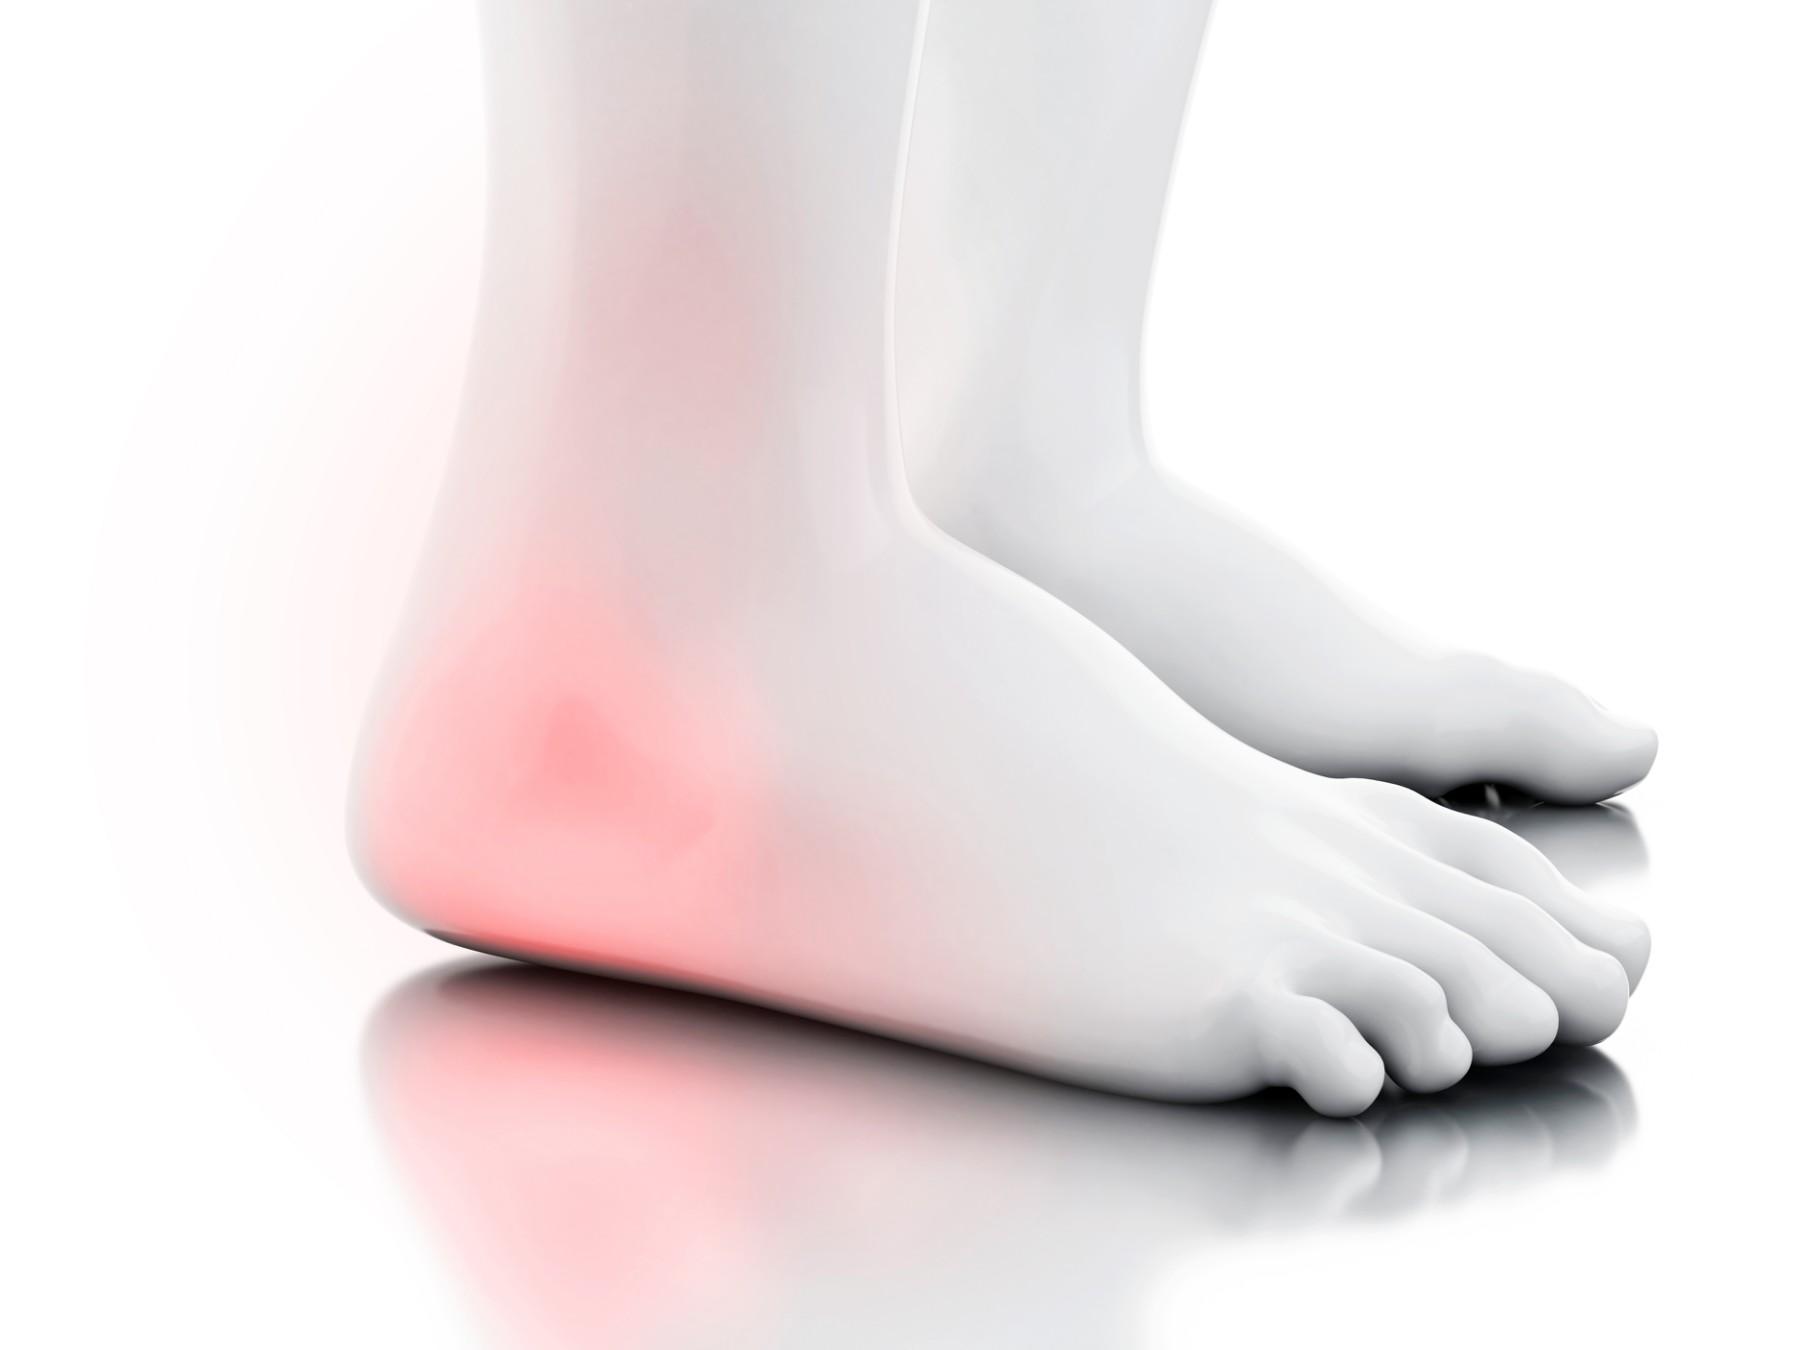 Центр здоров'я Solard - Девочка восьми лет, боли в стопах и коленях после длительной ходьбы или стояния - 55